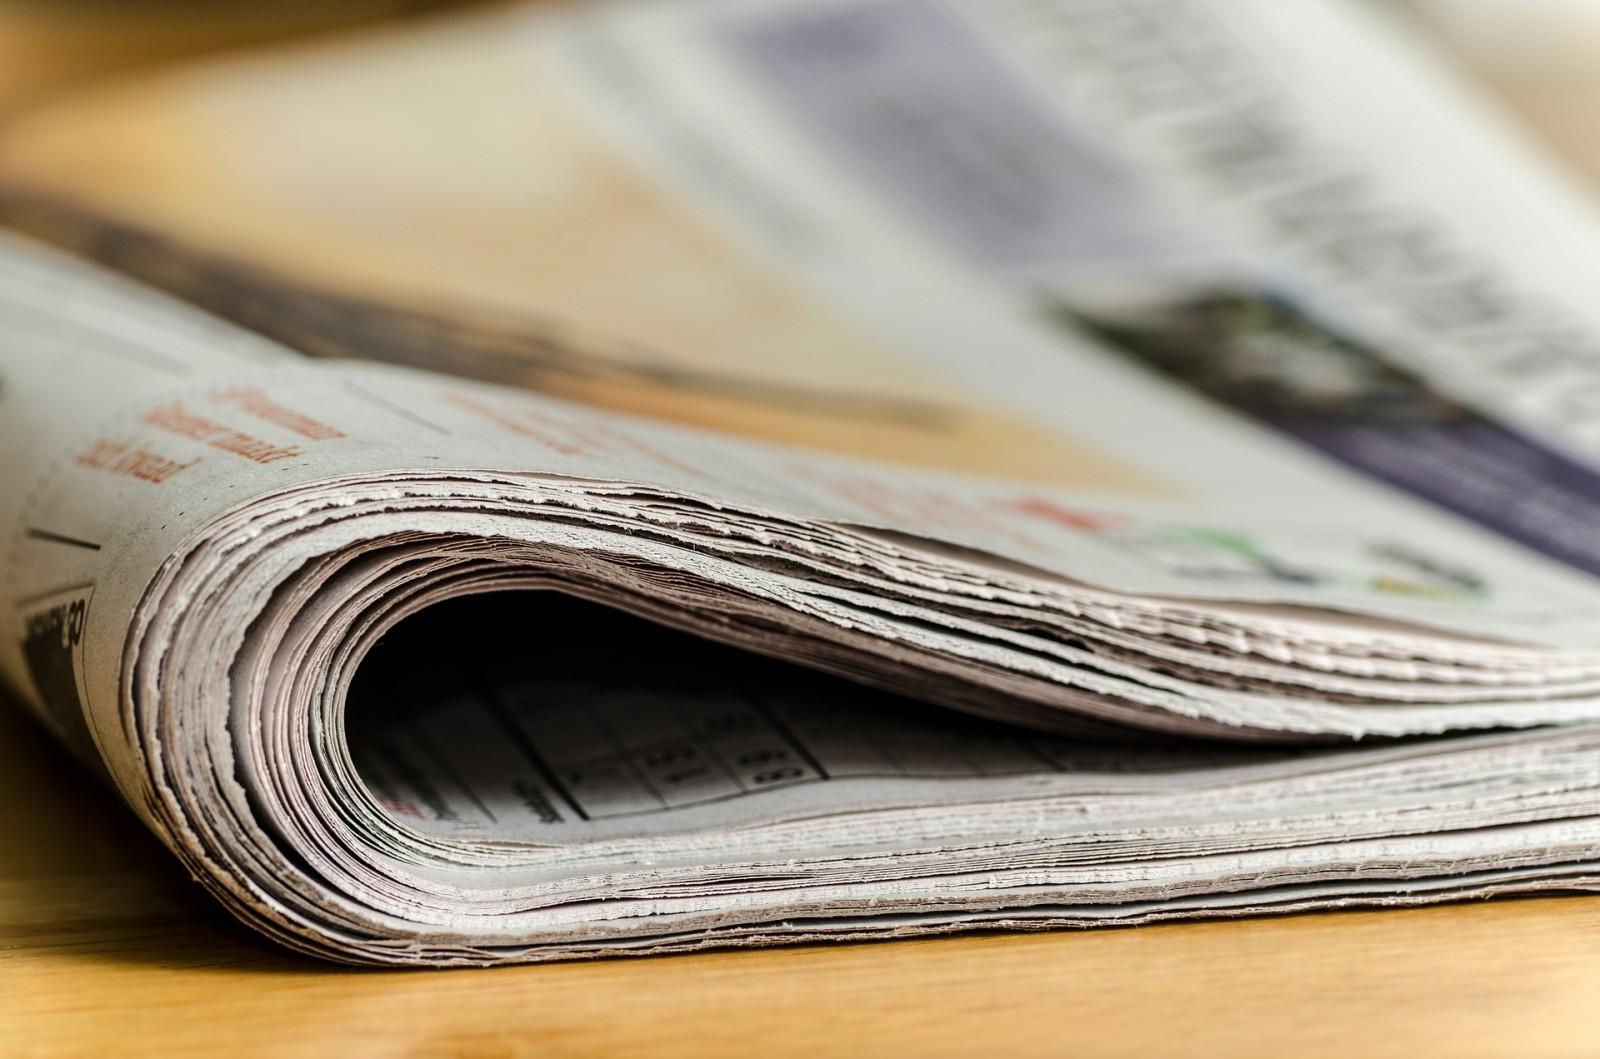 La liberté de la presse au Luxembourg en chute libre ?